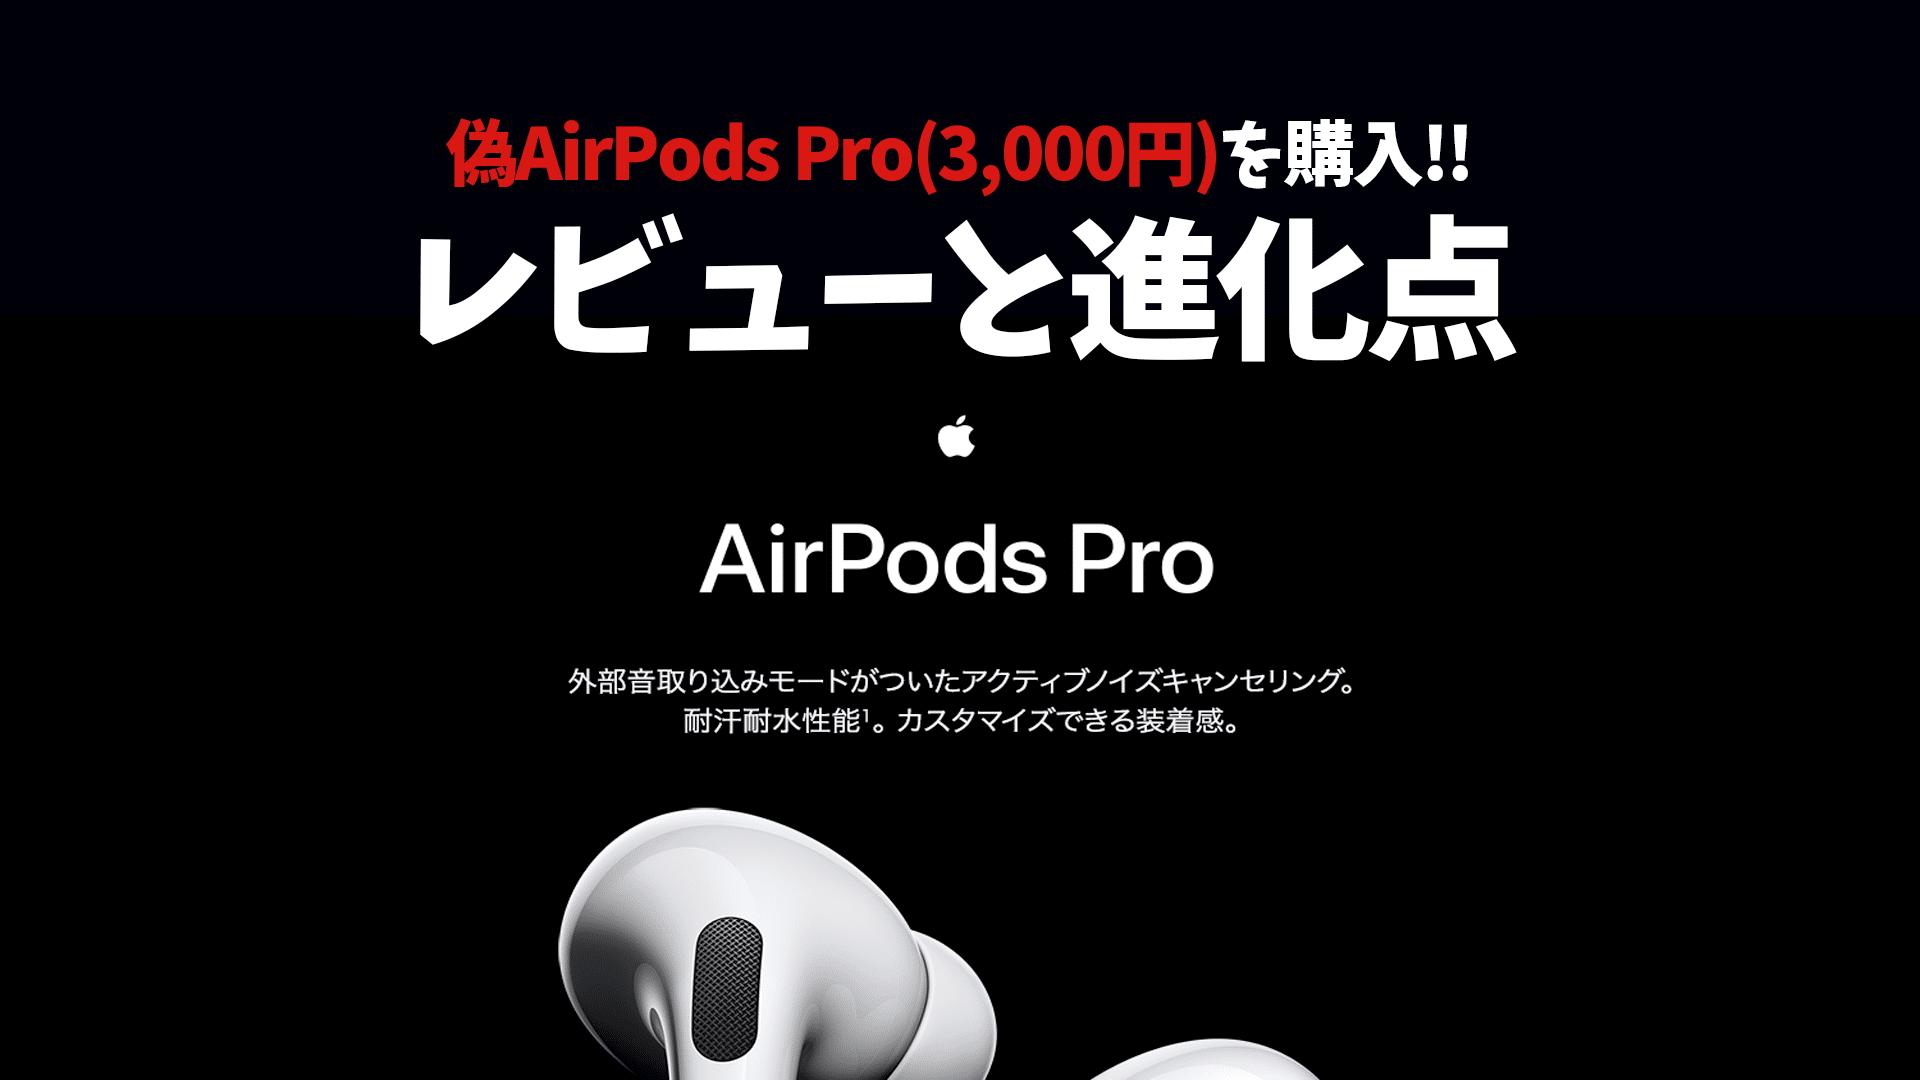 FakeAPP 1 - 3,000円で偽AirPods Pro(再現率99%)を購入してみた!